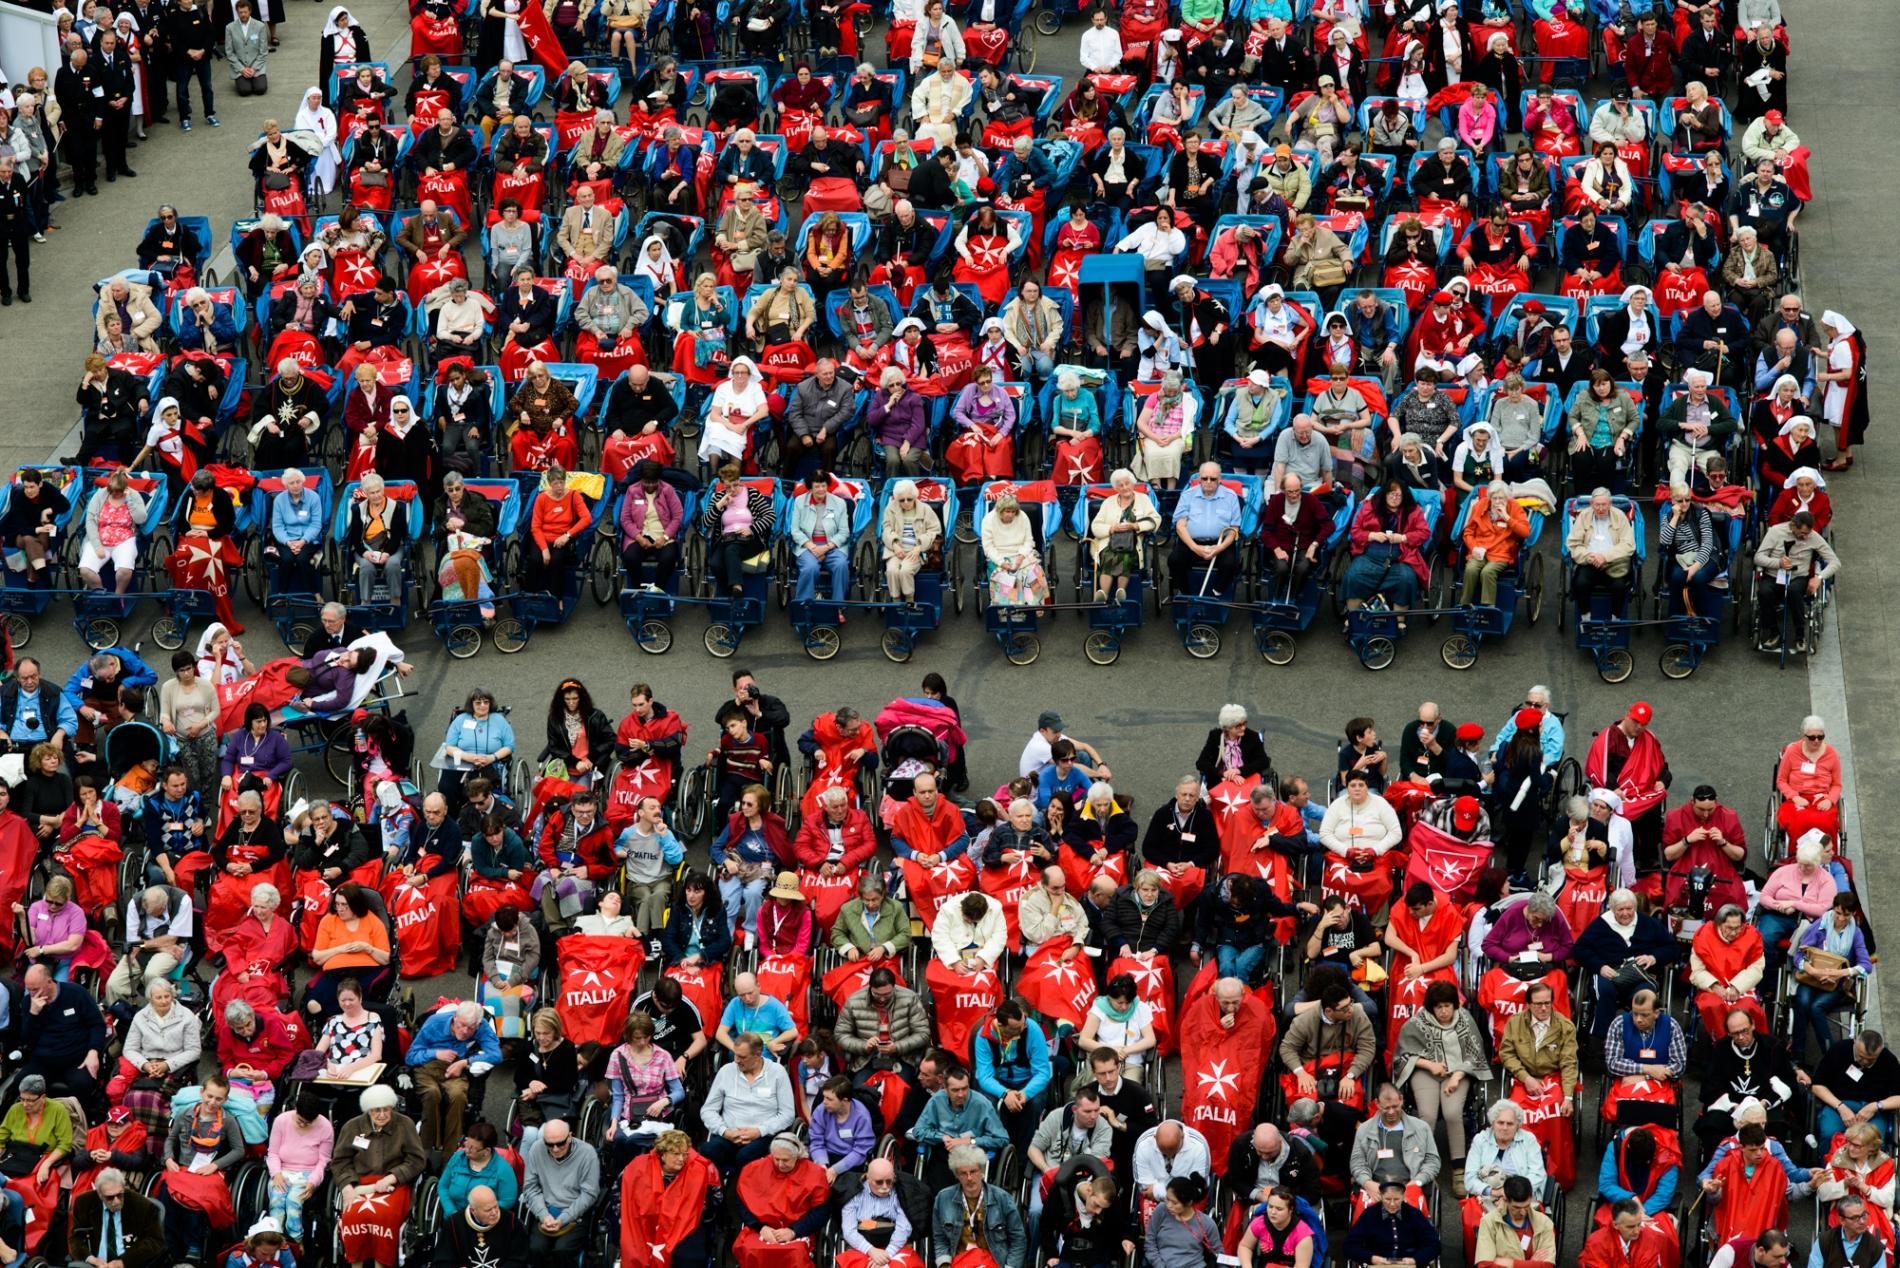 Chorzy na placu przed bazyliką czekają na nabożeństwo (fot. Piotr Idem)